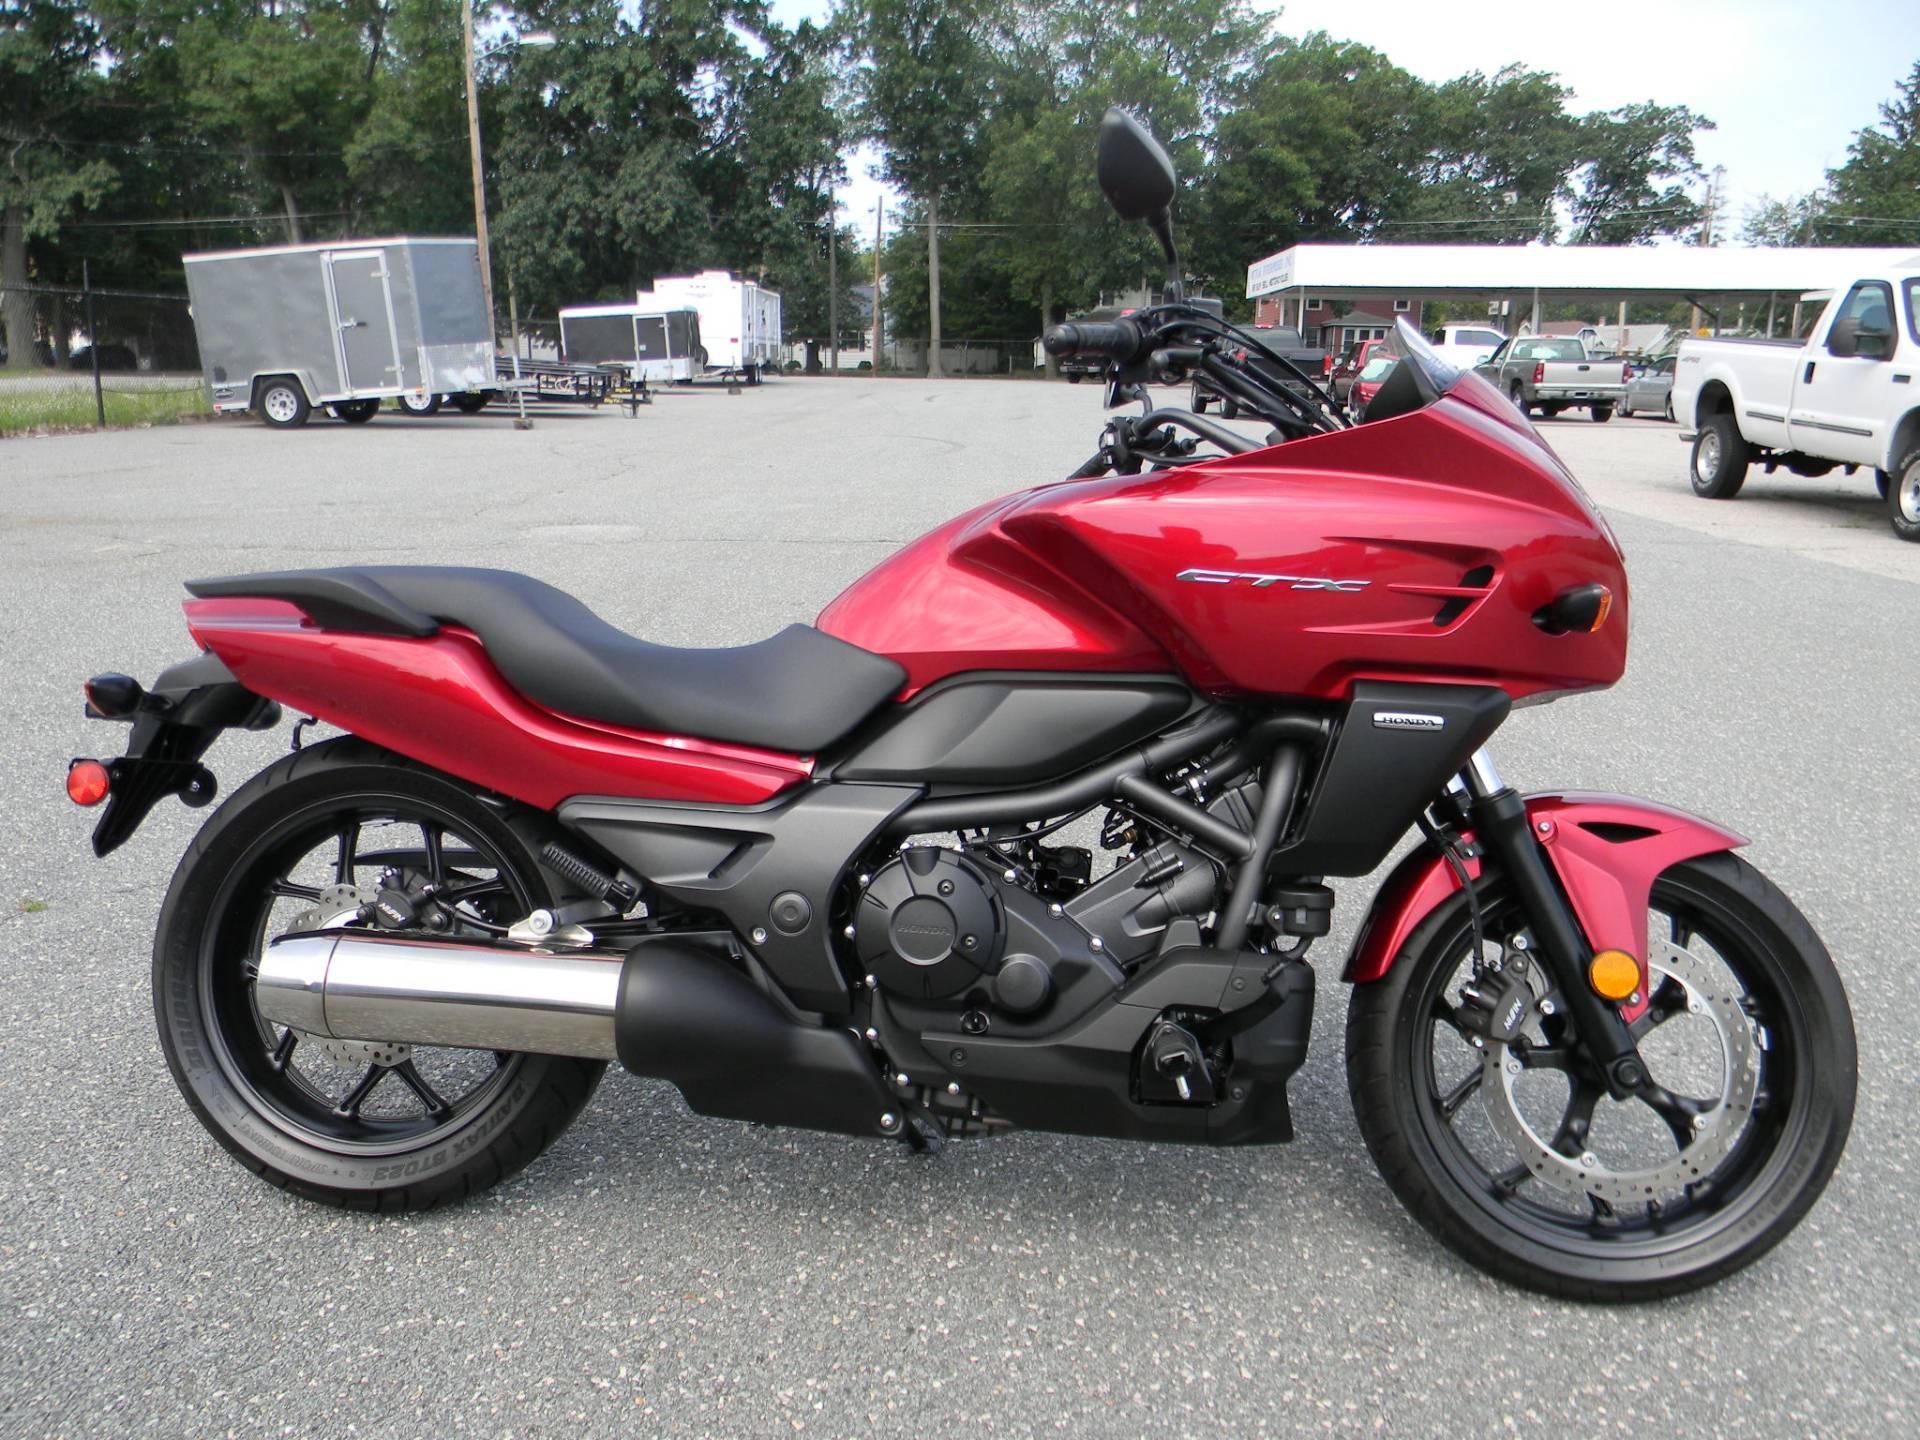 2014 honda ctx700 for sale springfield ma 48380 for Honda springfield va